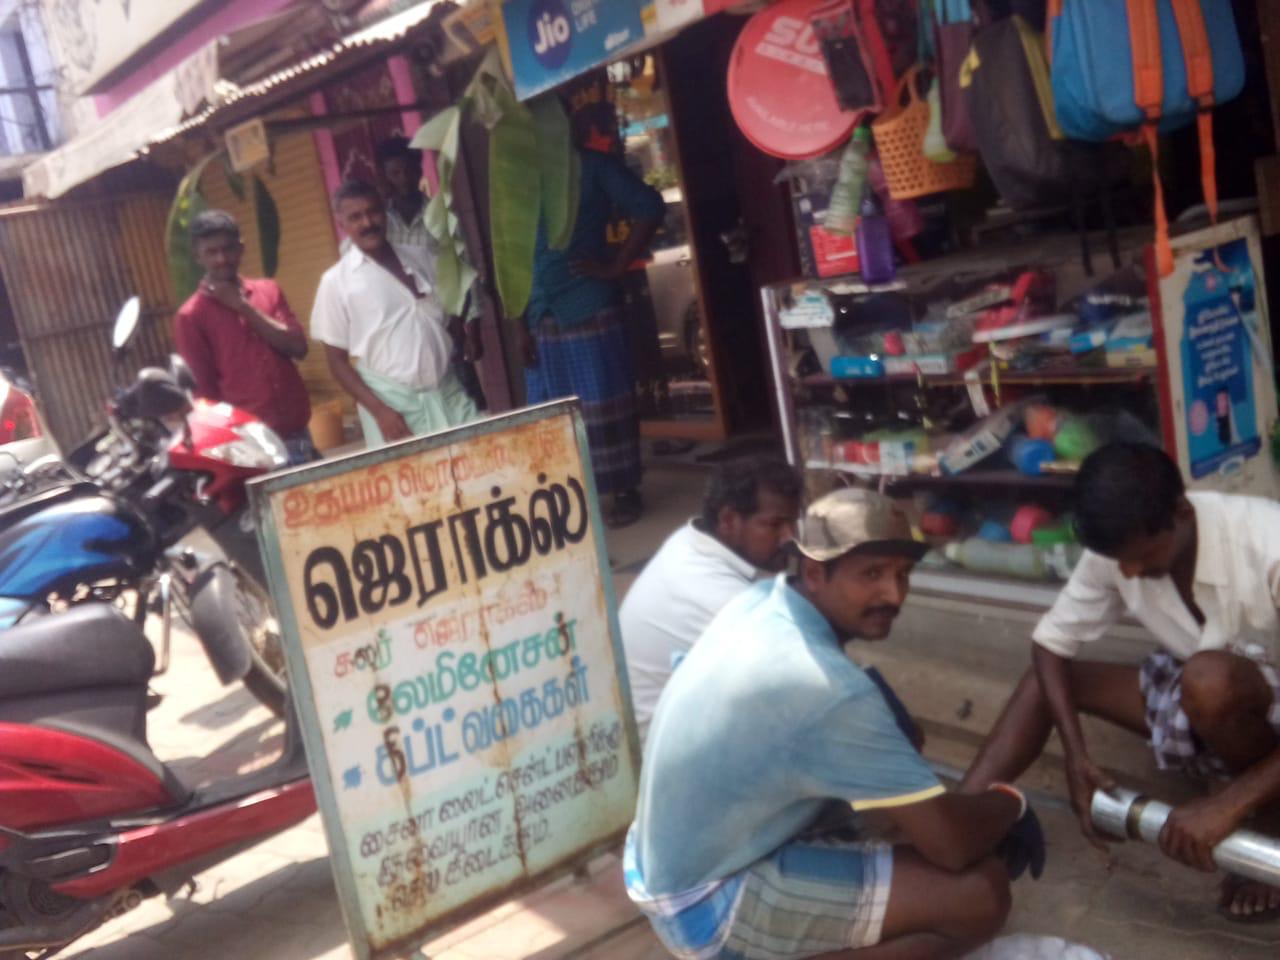 கிராம சபை கூட்டம்-நாம் தமிழர் மனு-உடனடி தீர்வு